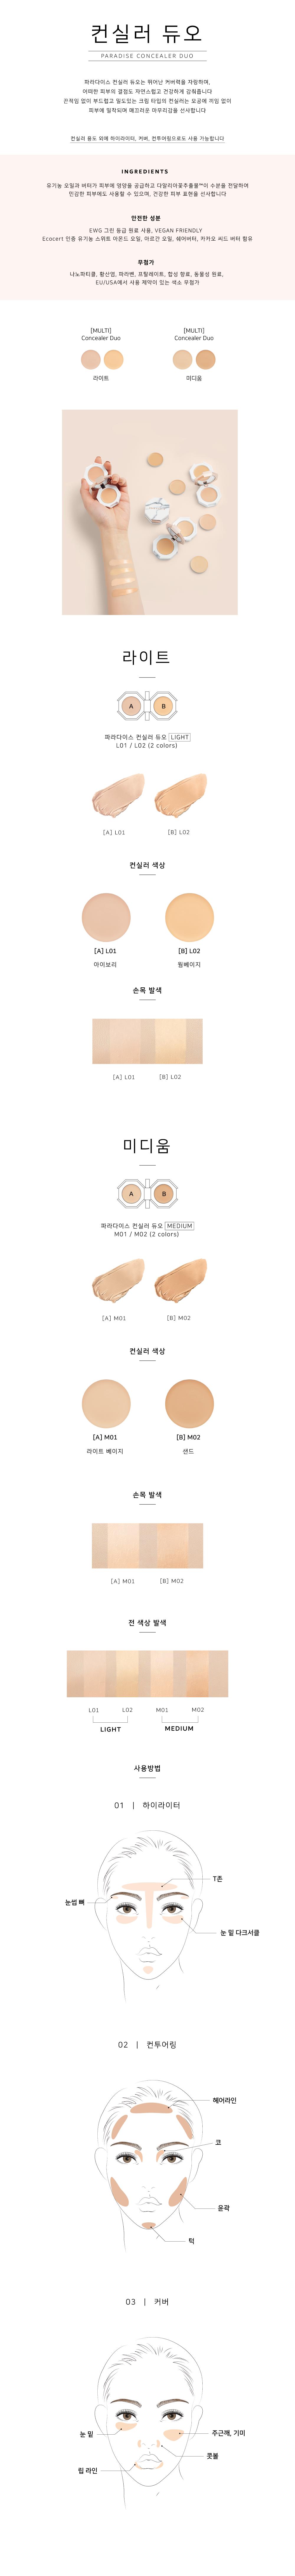 [ShiPAPA] dear dahlia | 大理石雙色遮瑕膏 | 韓國直送🇰🇷 | 香港 澳門